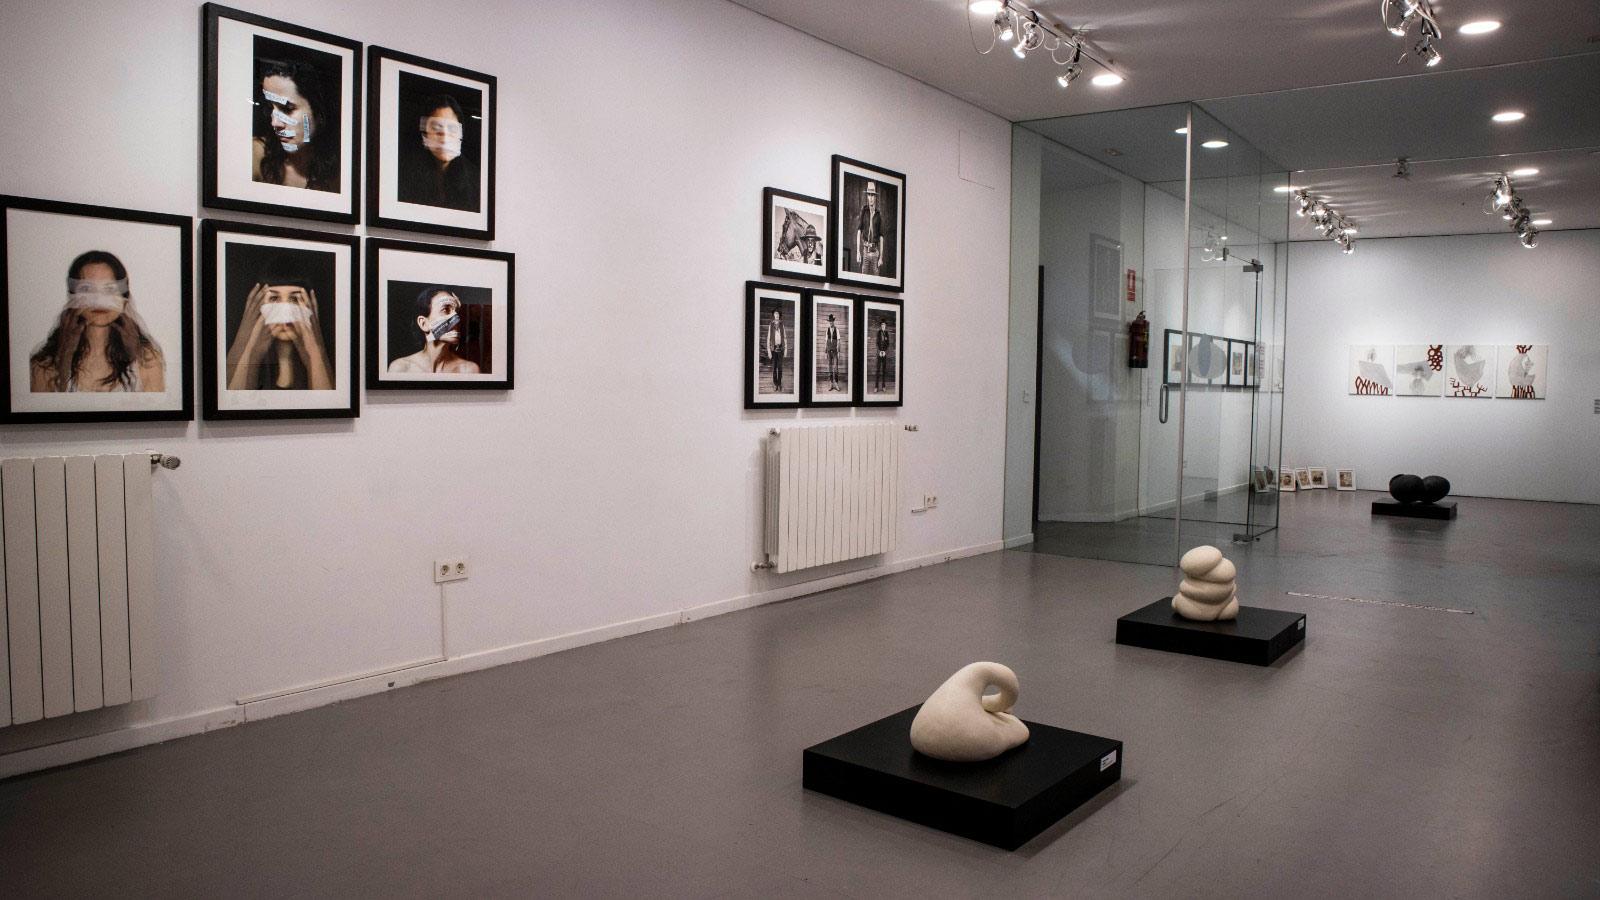 Vista de la exposición en el Palacio Quintanal